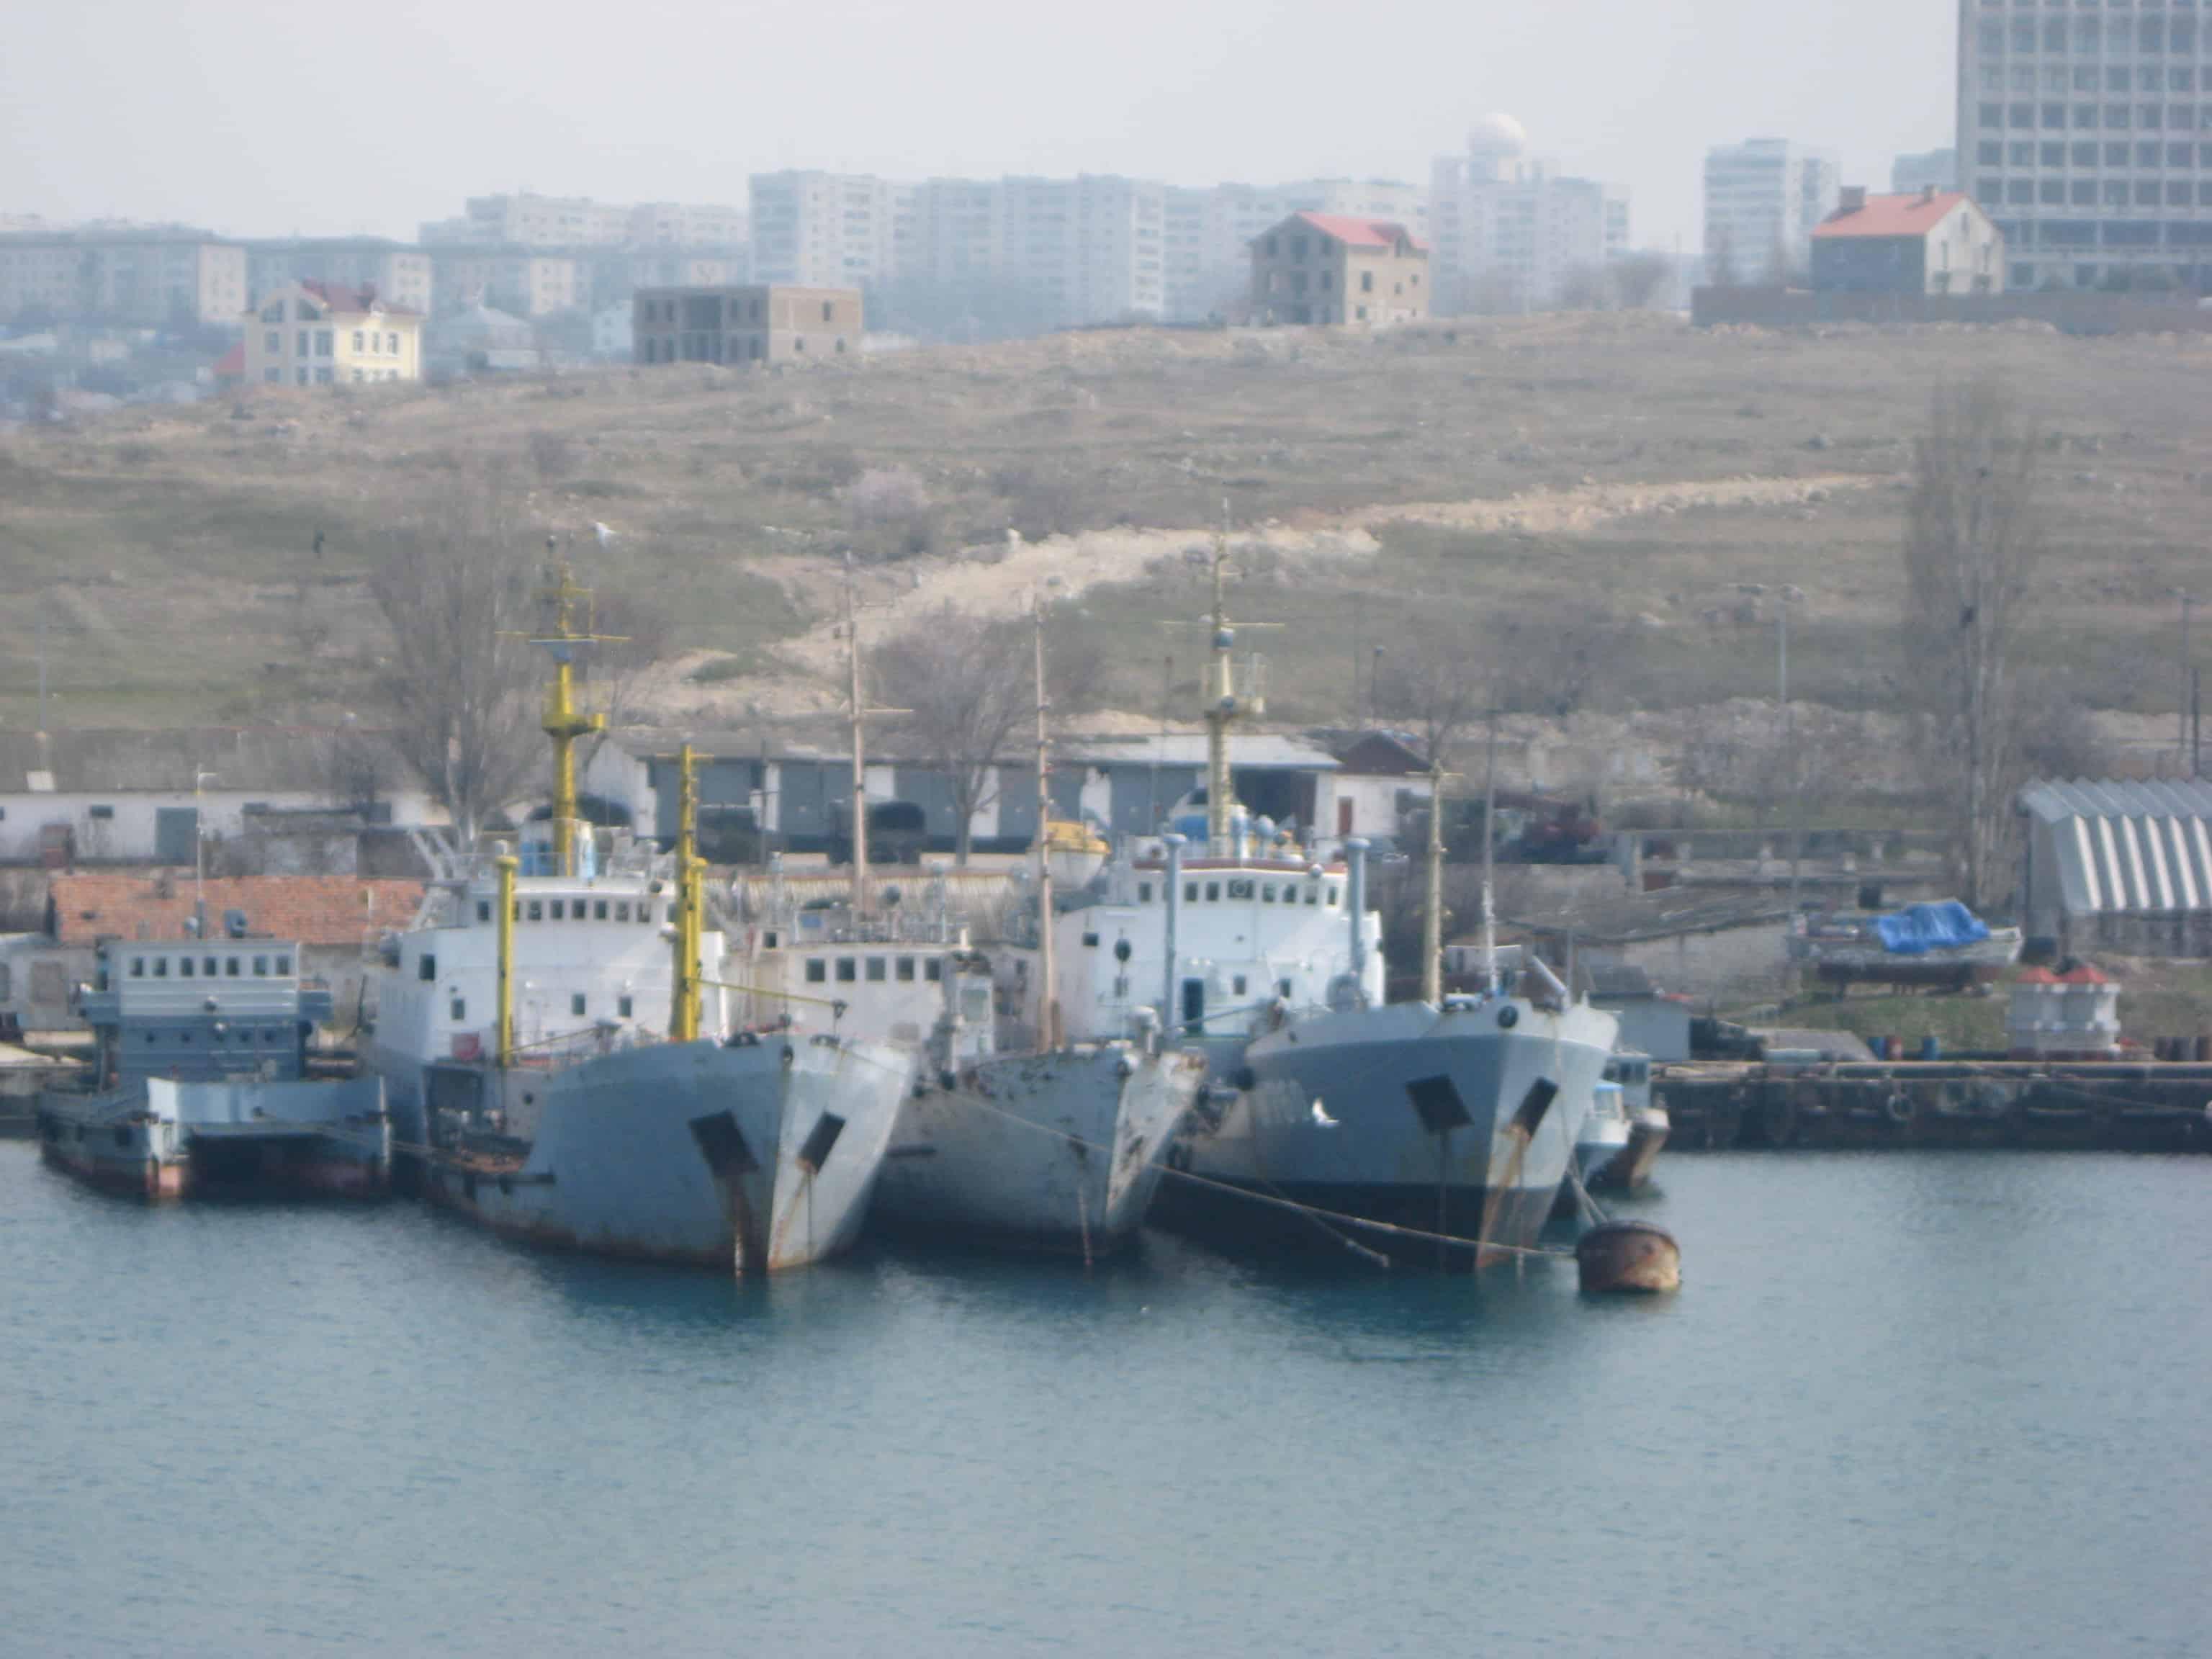 Міноборони списали 4 судна ВМС. Що про них відомо?